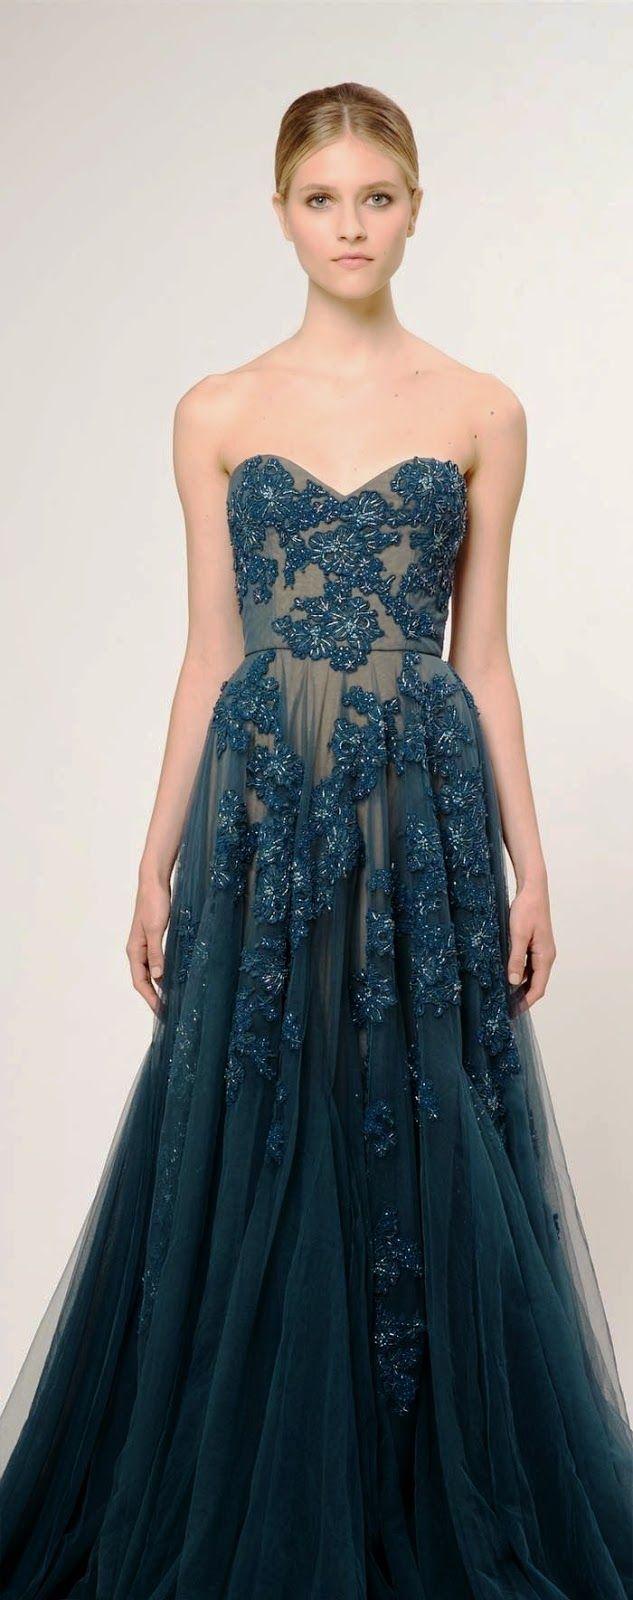 So elagance prom dress